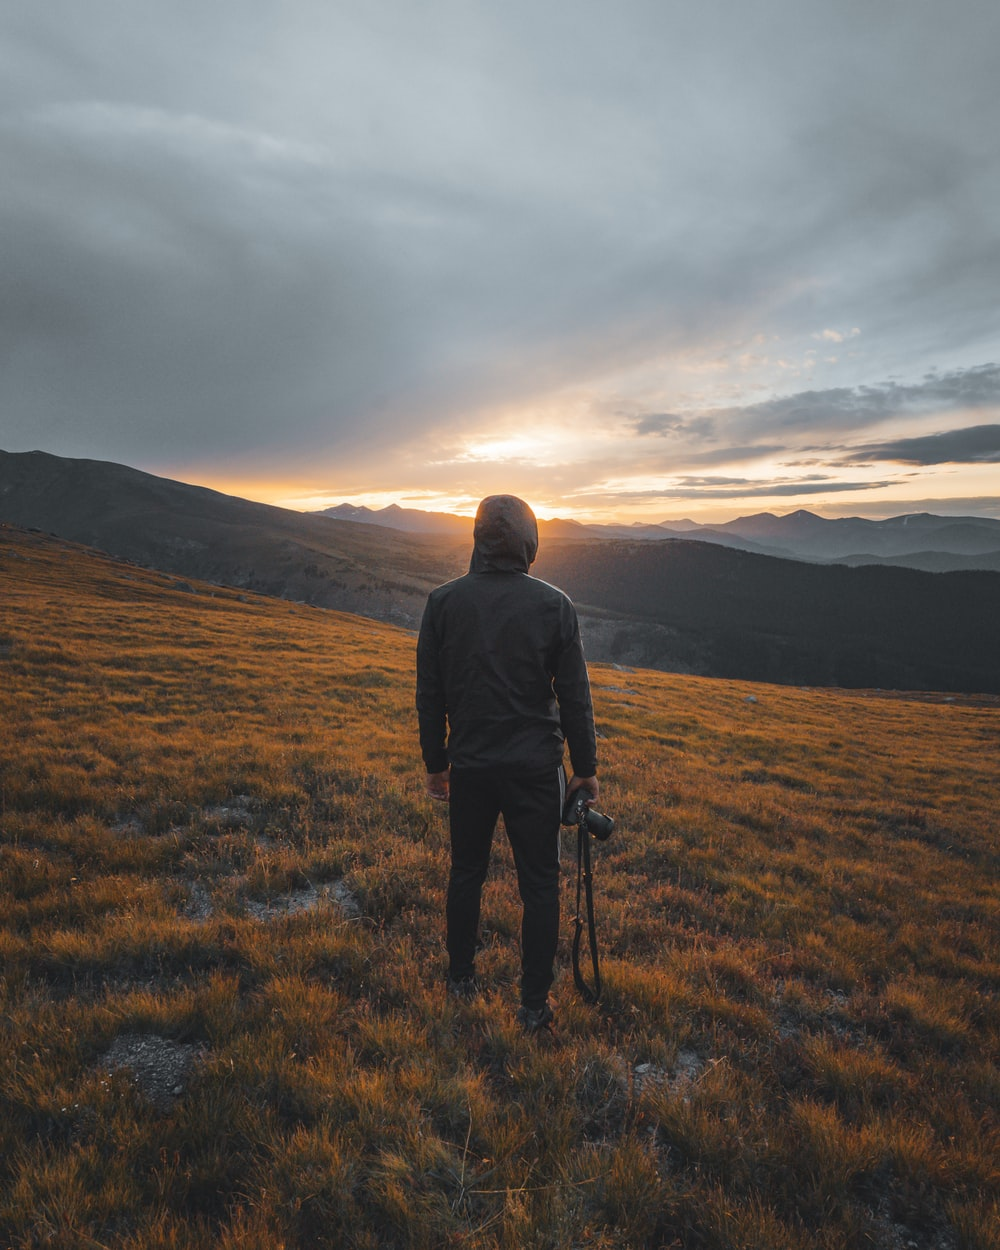 man stands on grass field